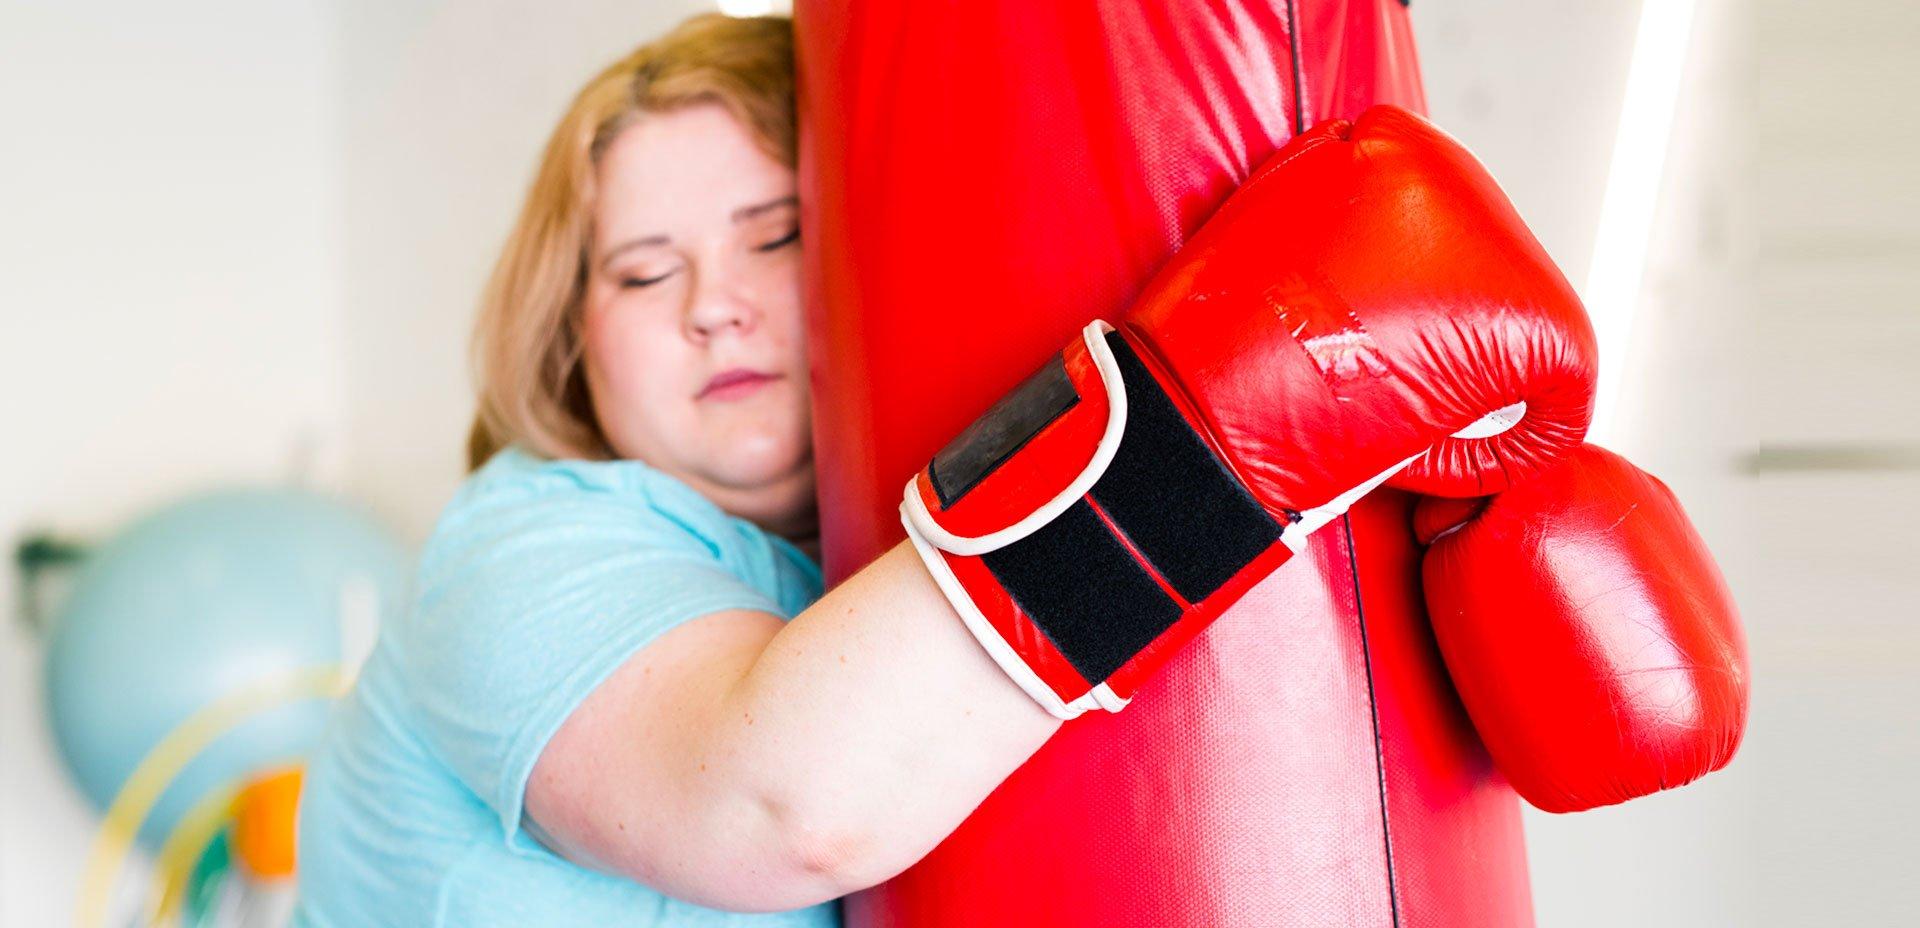 L'importanza del sonno e dell'esercizio fisico nel dimagrimento